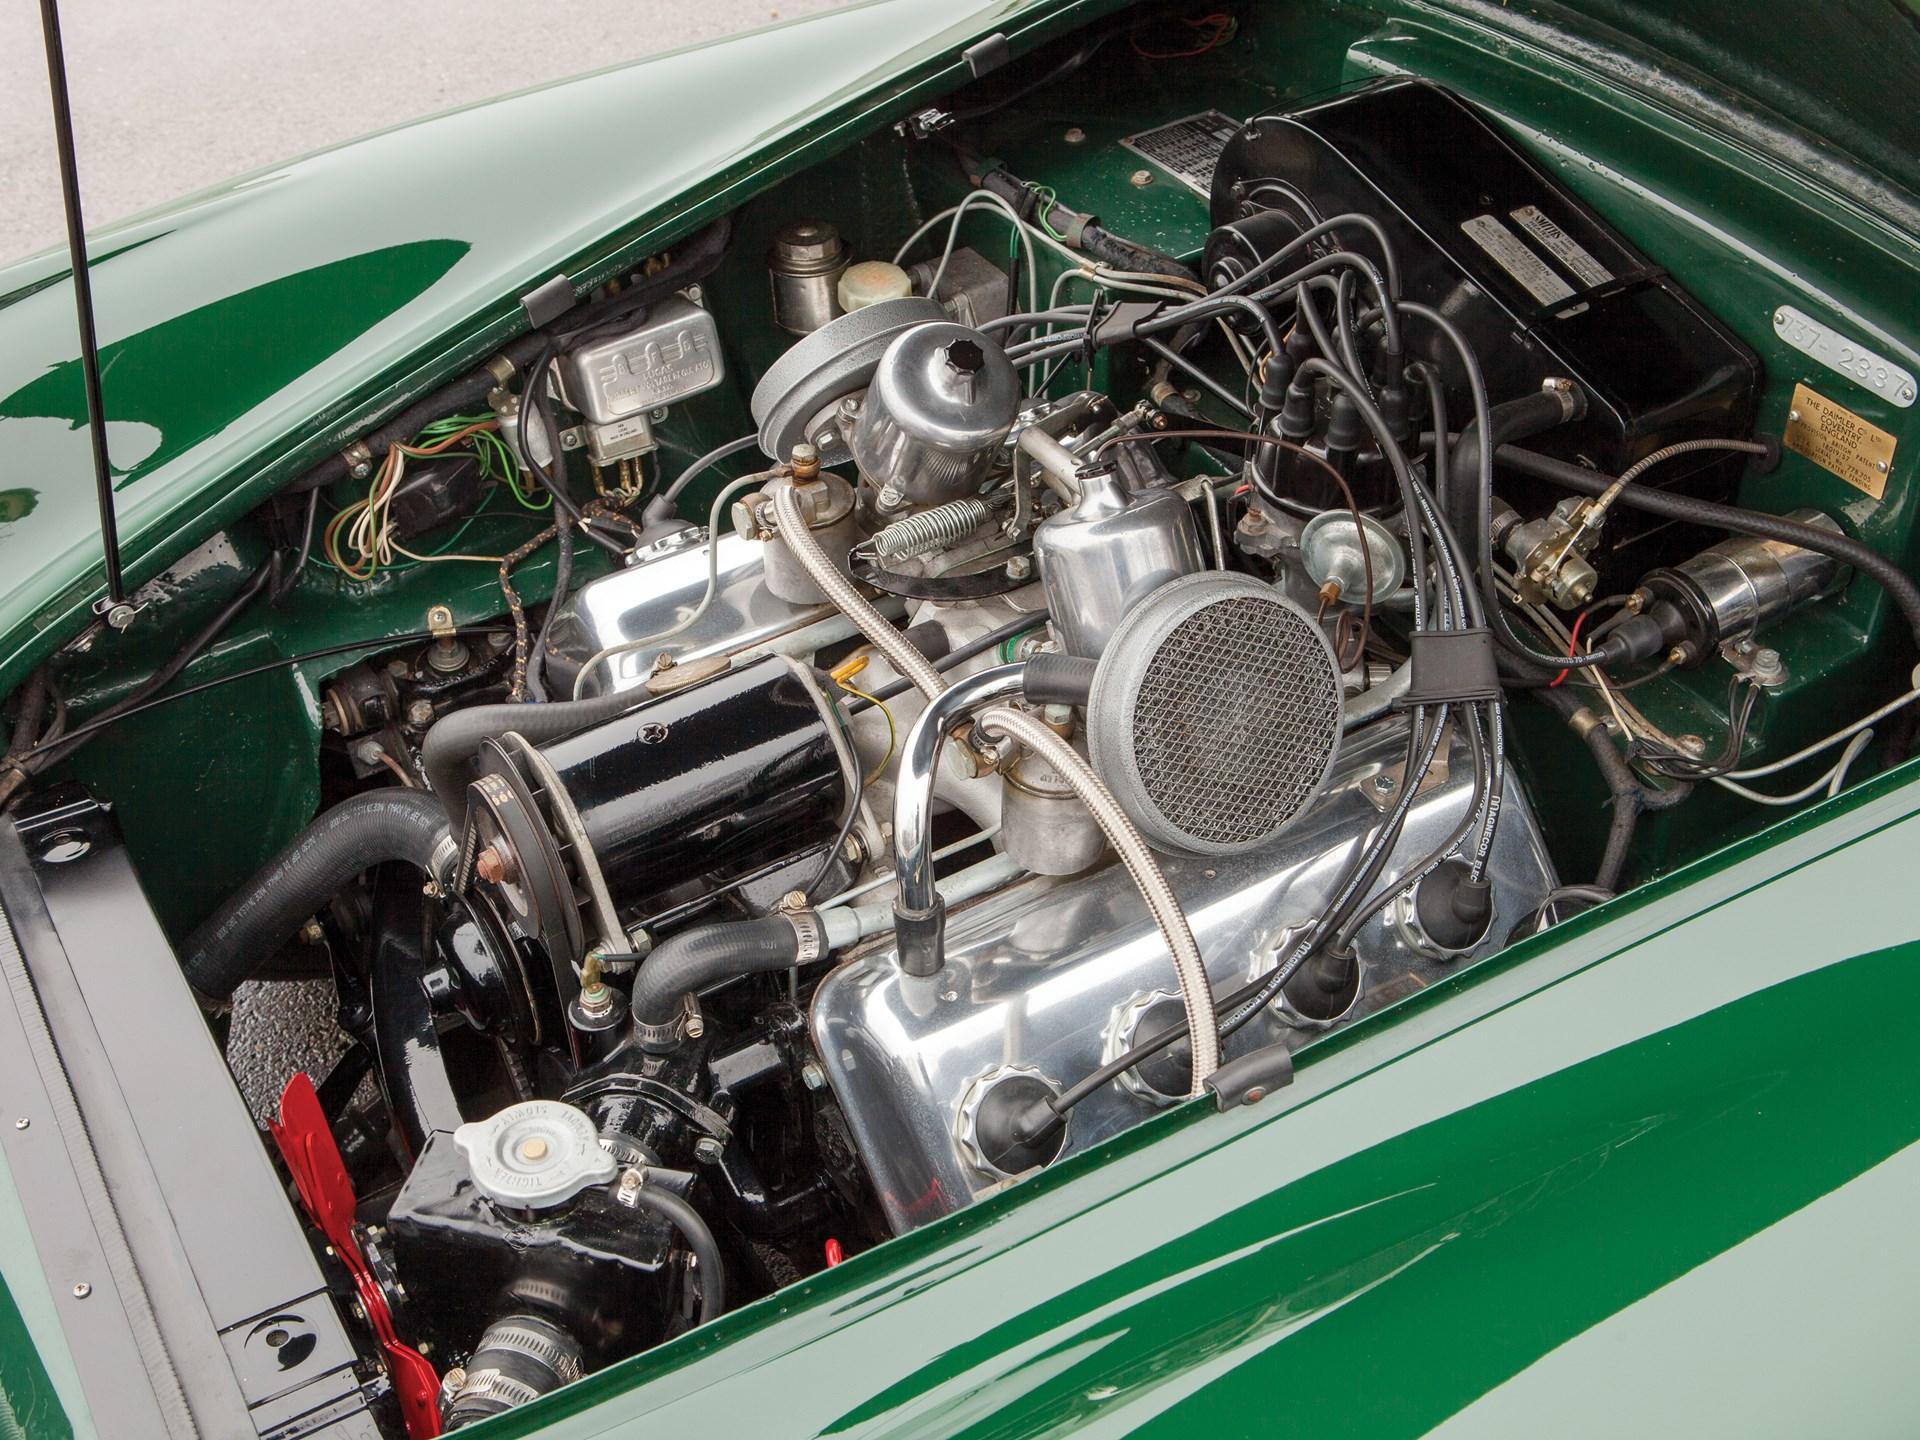 1963 Daimler SP250 dart engine